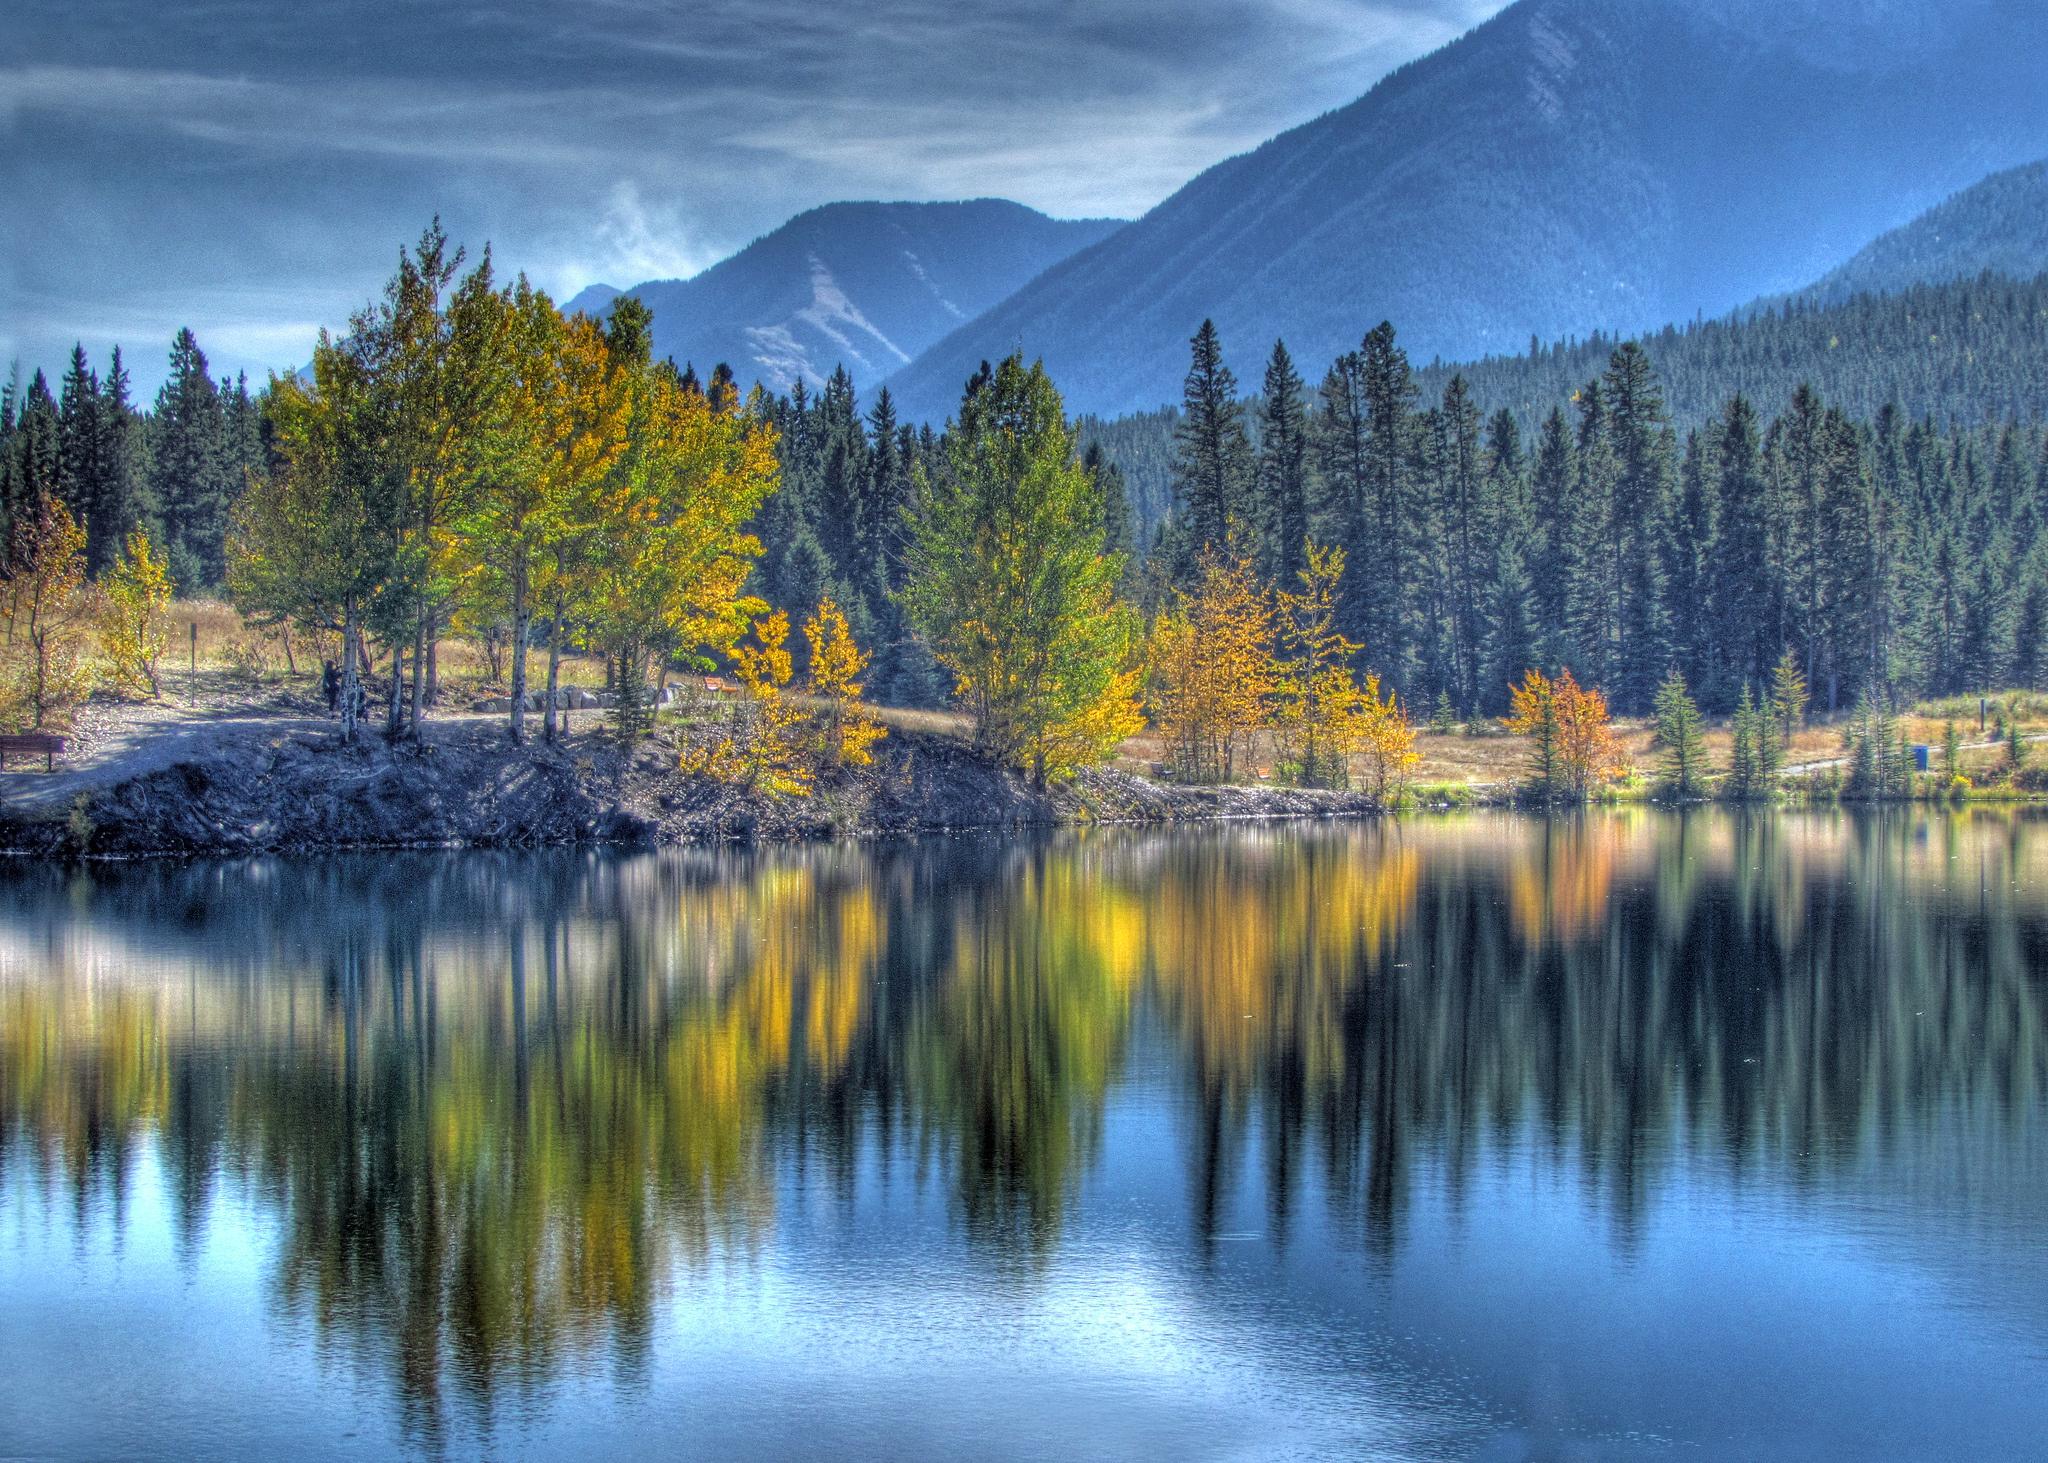 Фотография Канада canmore alberta HDRI Горы Осень Природа лес Озеро Пейзаж дерева 2048x1463 HDR гора осенние Леса дерево Деревья деревьев